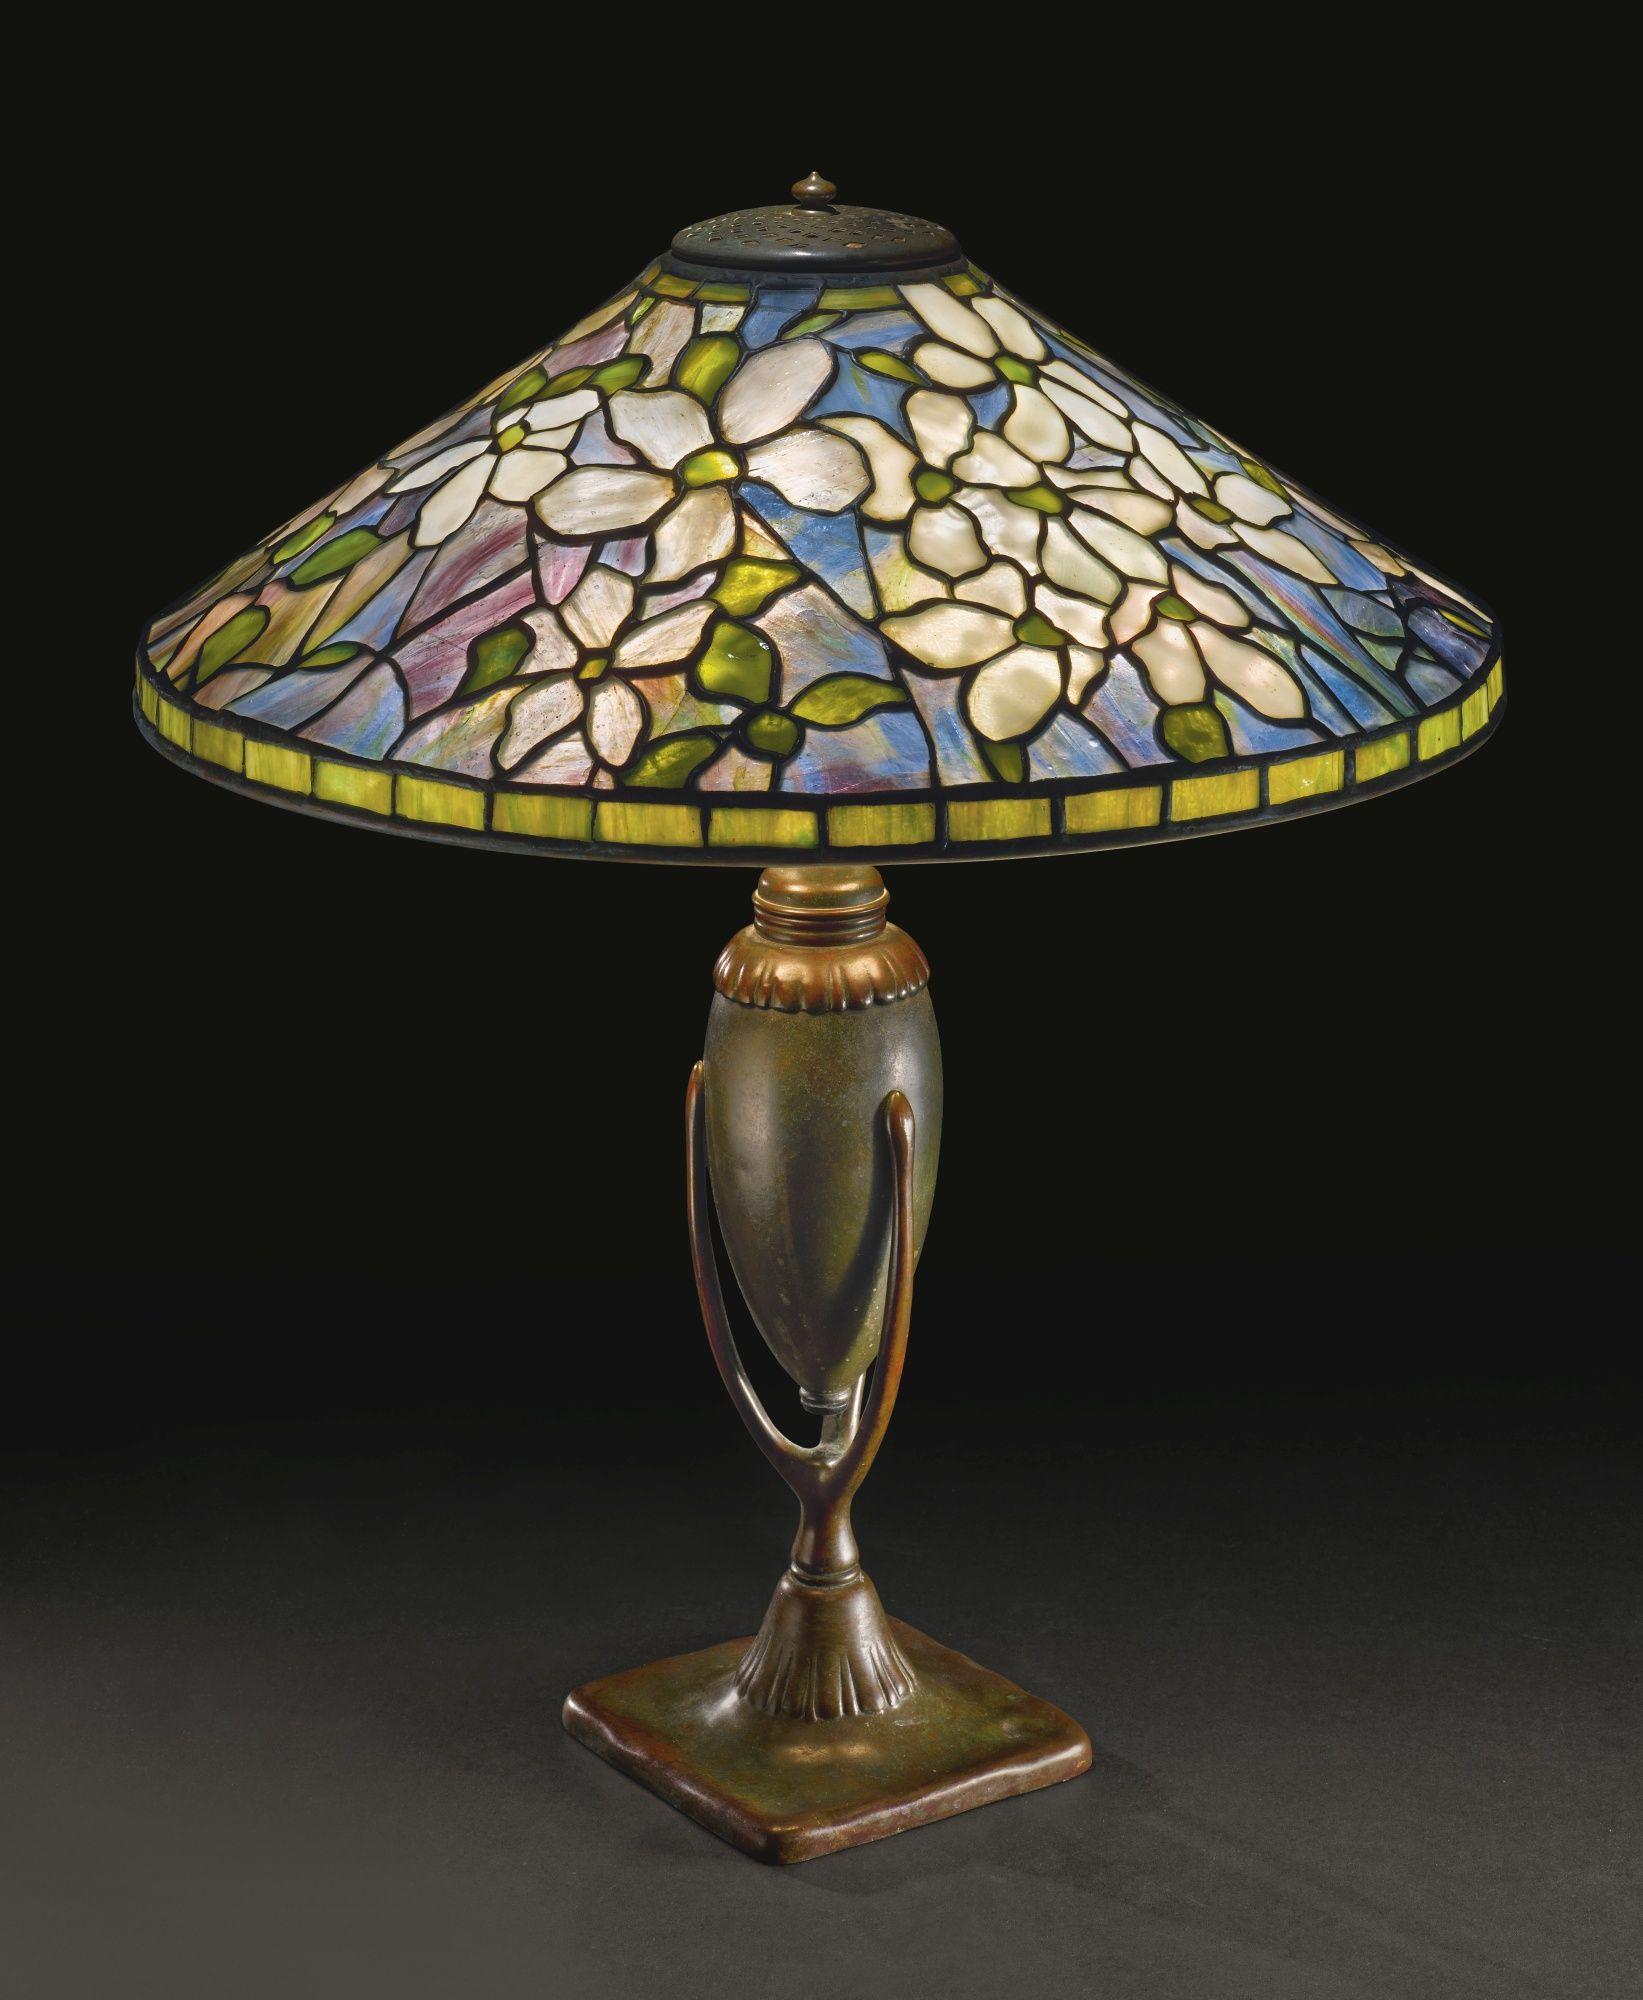 overstock tiffany table lamps on vaporbullfl com home design 3d user guide on vaporbullfl com